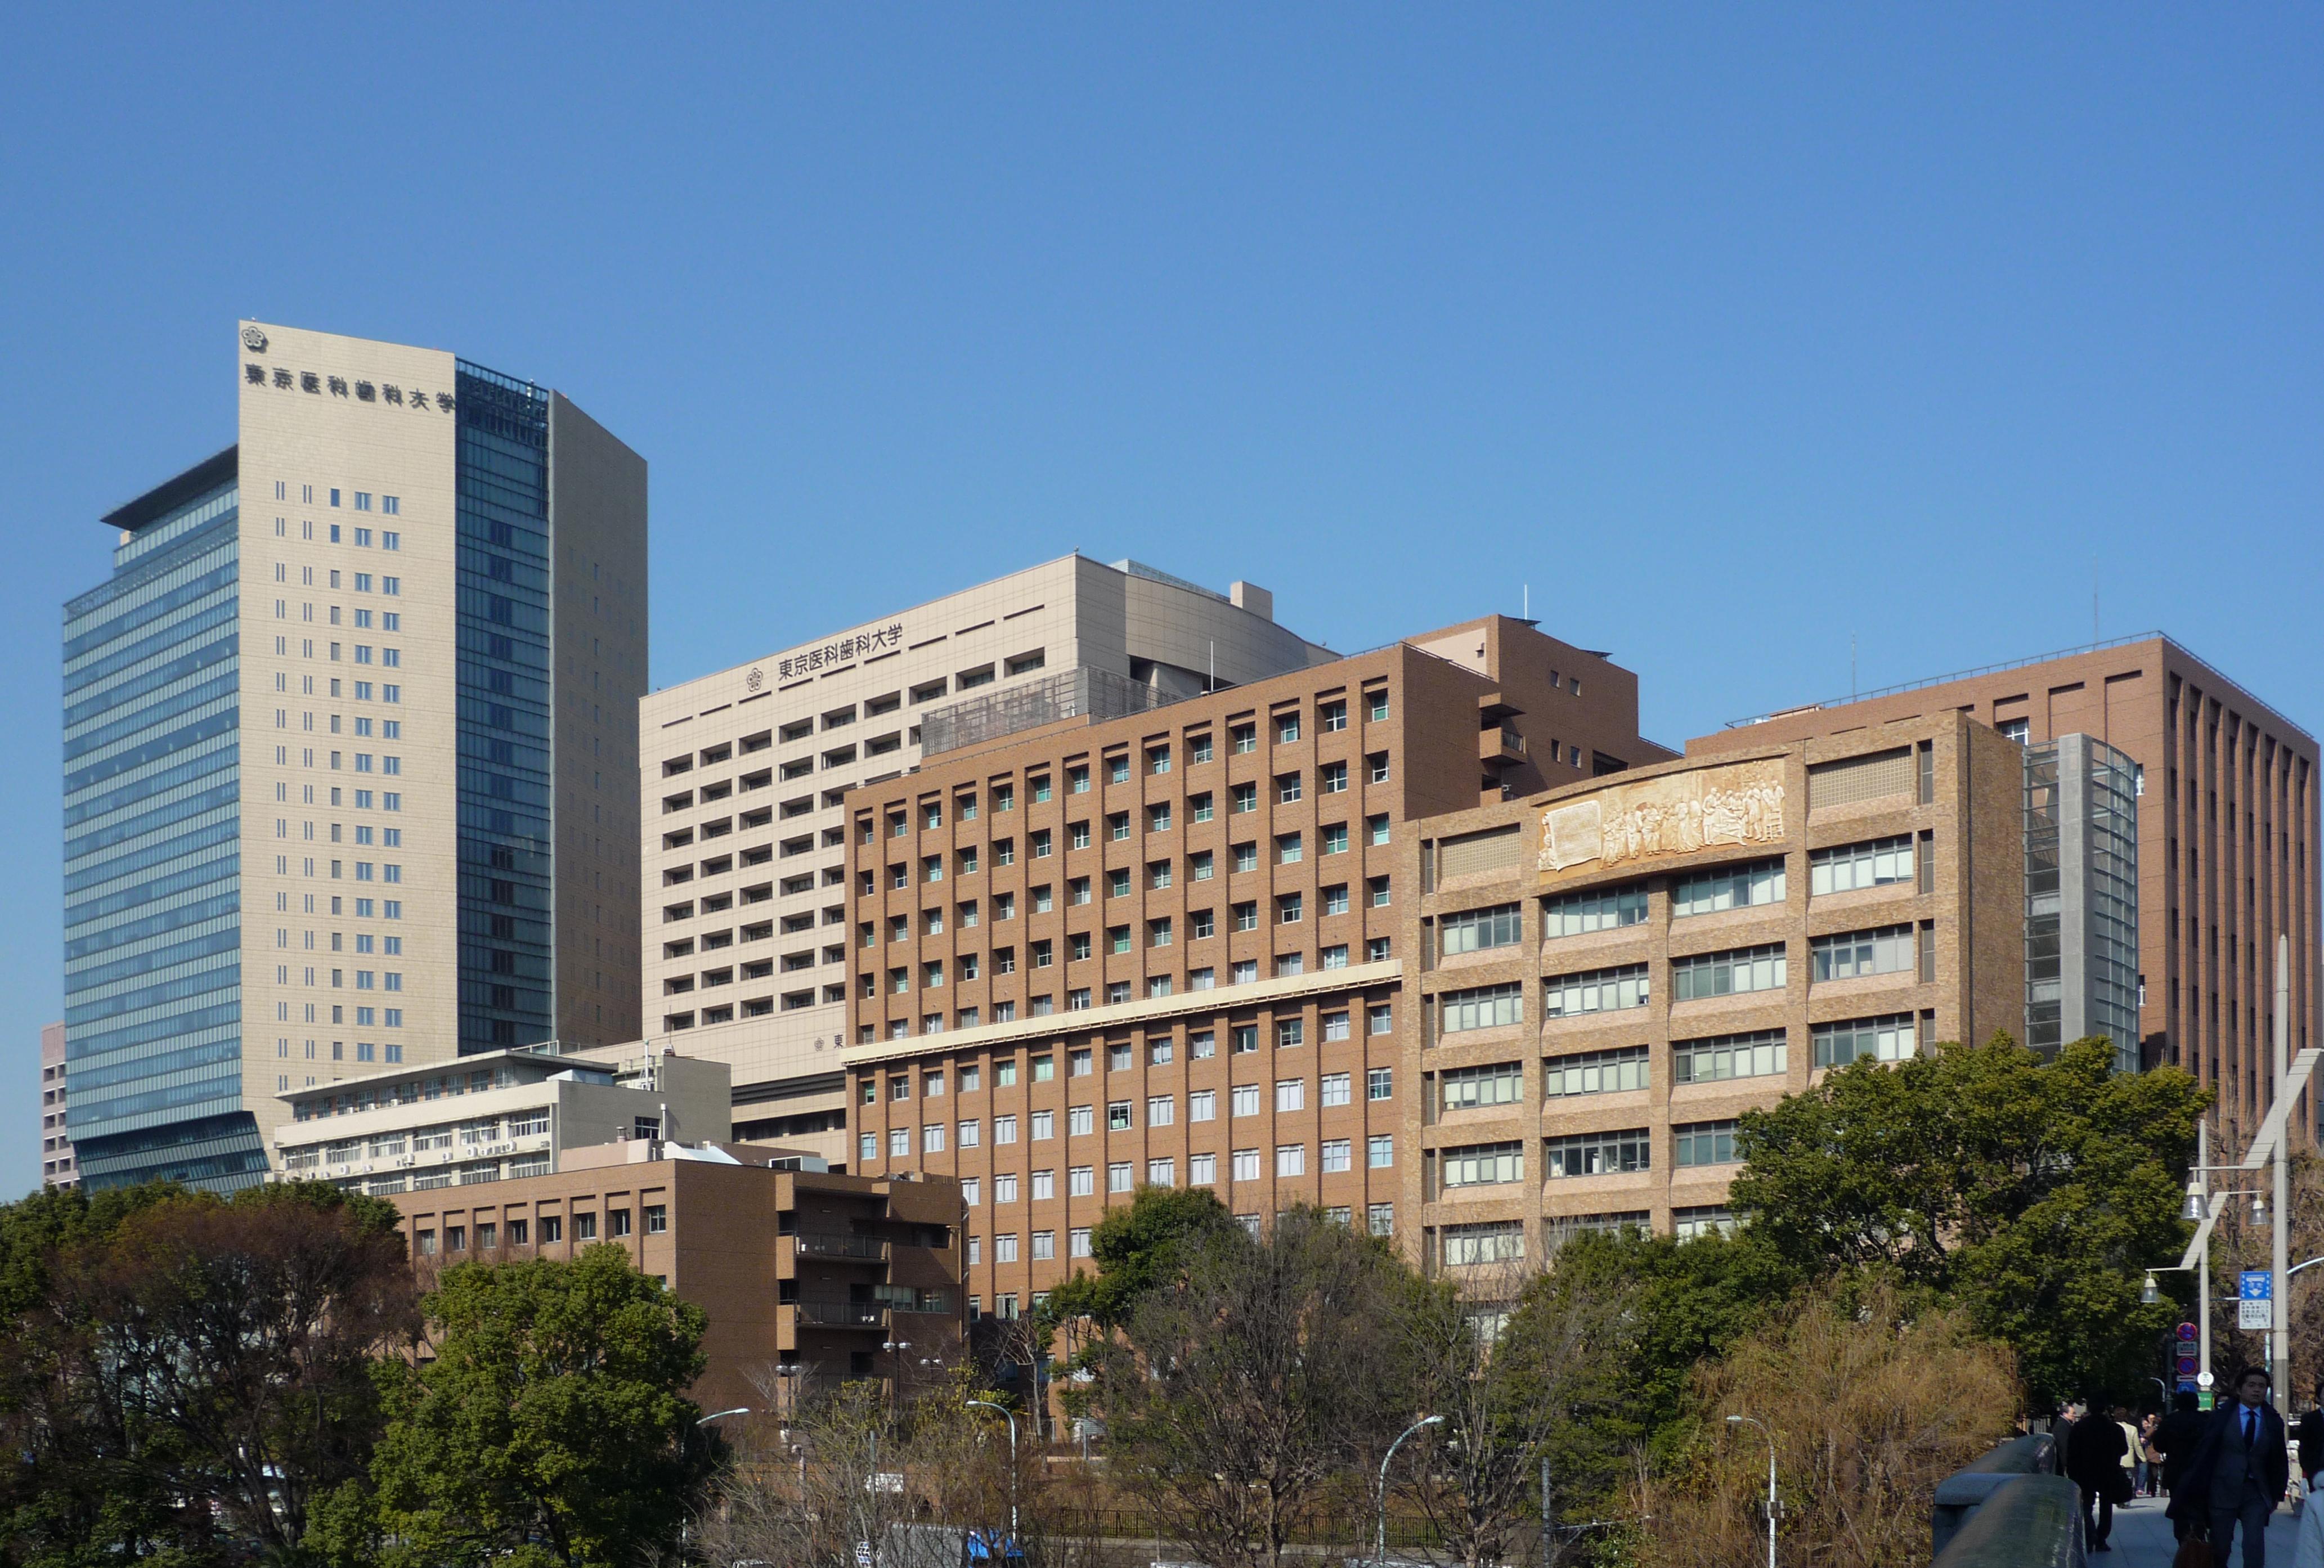 歯科 千葉 医療 大学 センター 歯科 東京